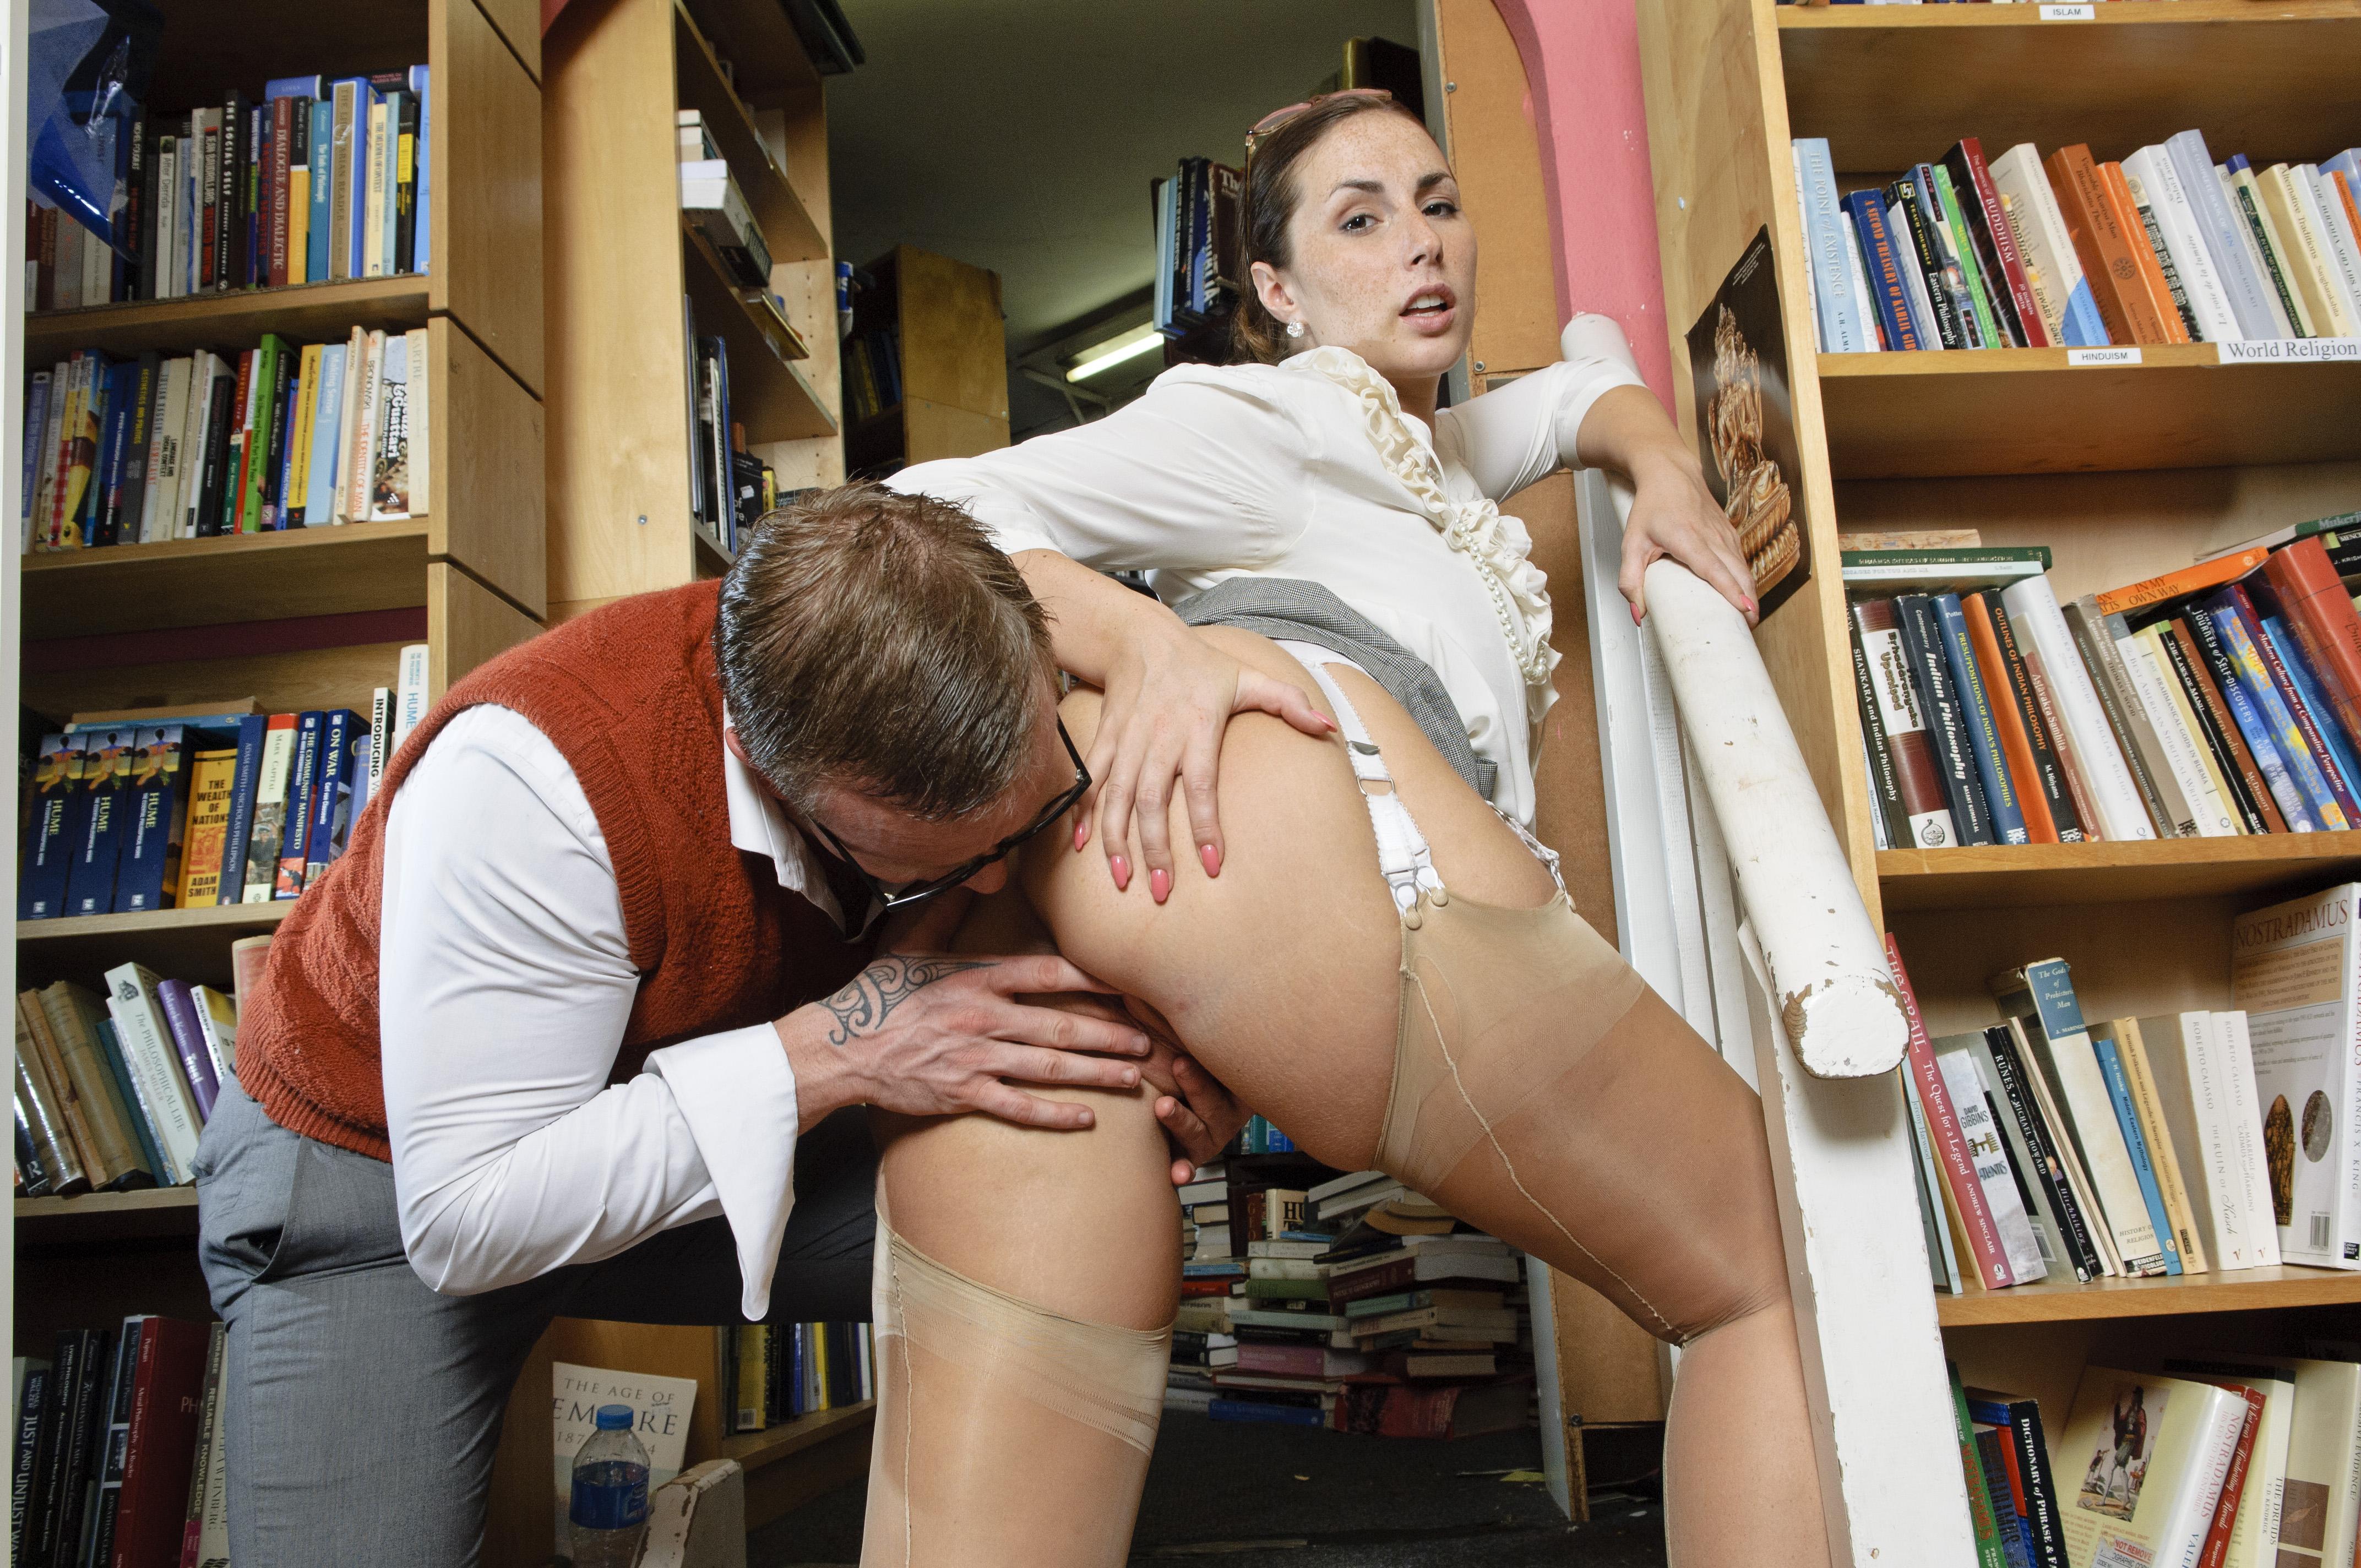 психиатры сексопатологи сисястая библиотекарь ххх фото быть